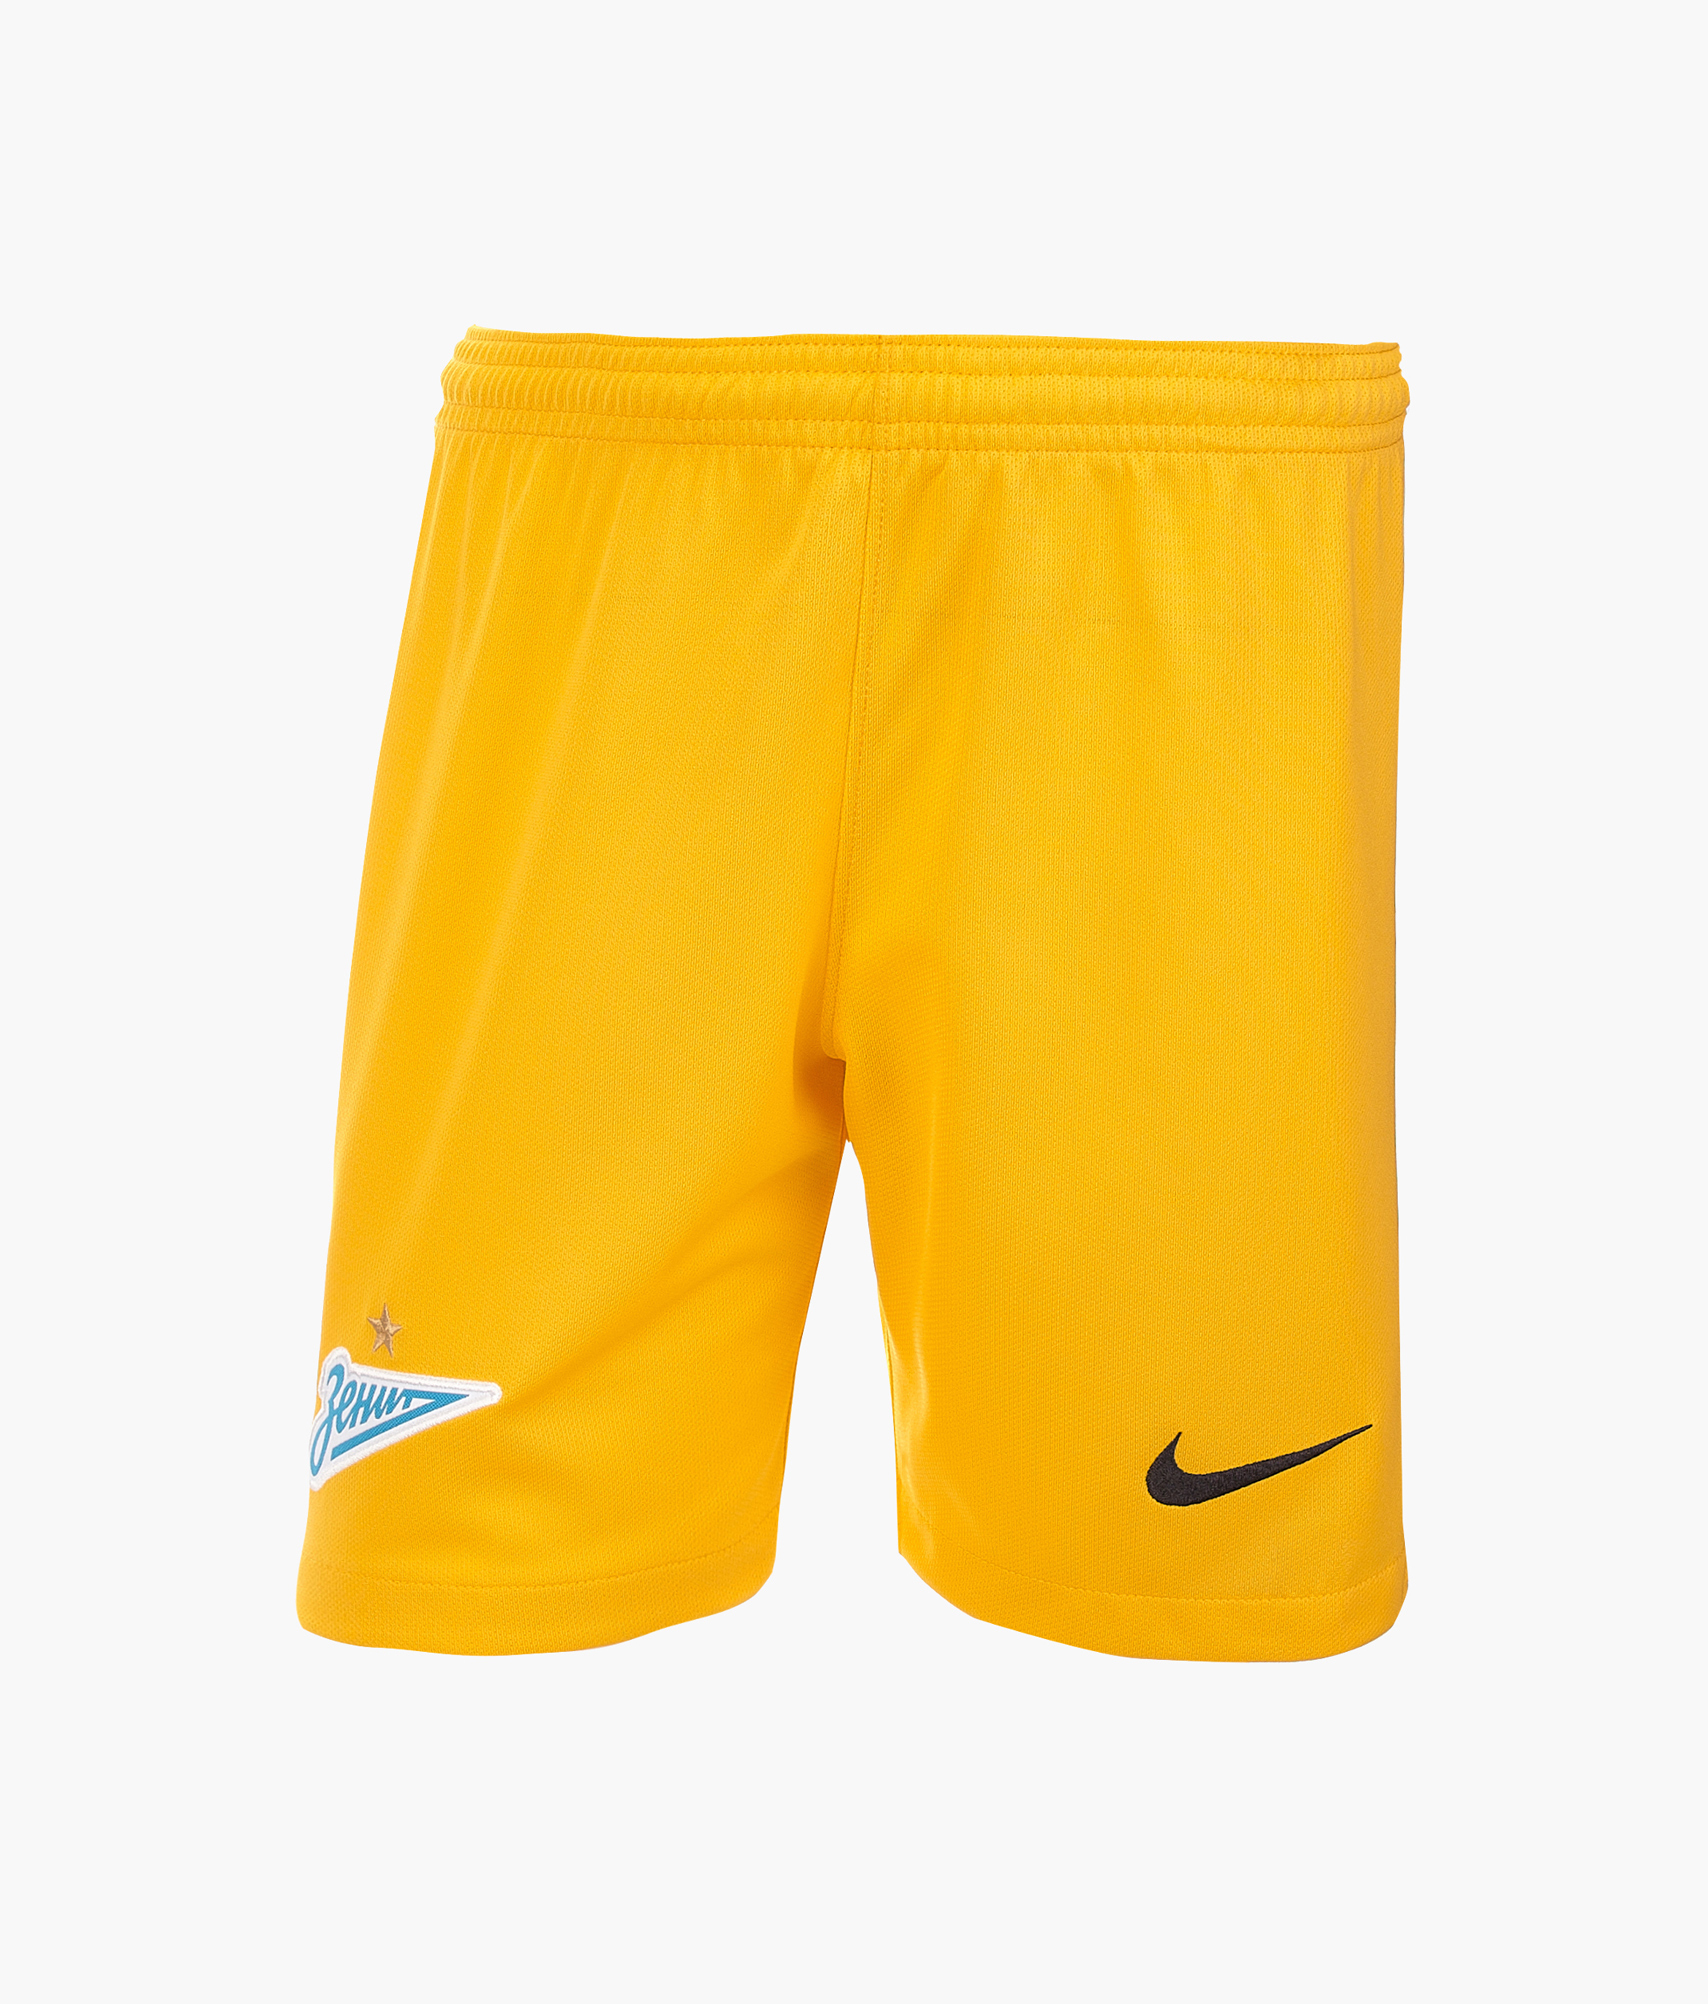 Шорты вратарские подростковые сезона 2019/2020 Nike Цвет-Золотой цена и фото